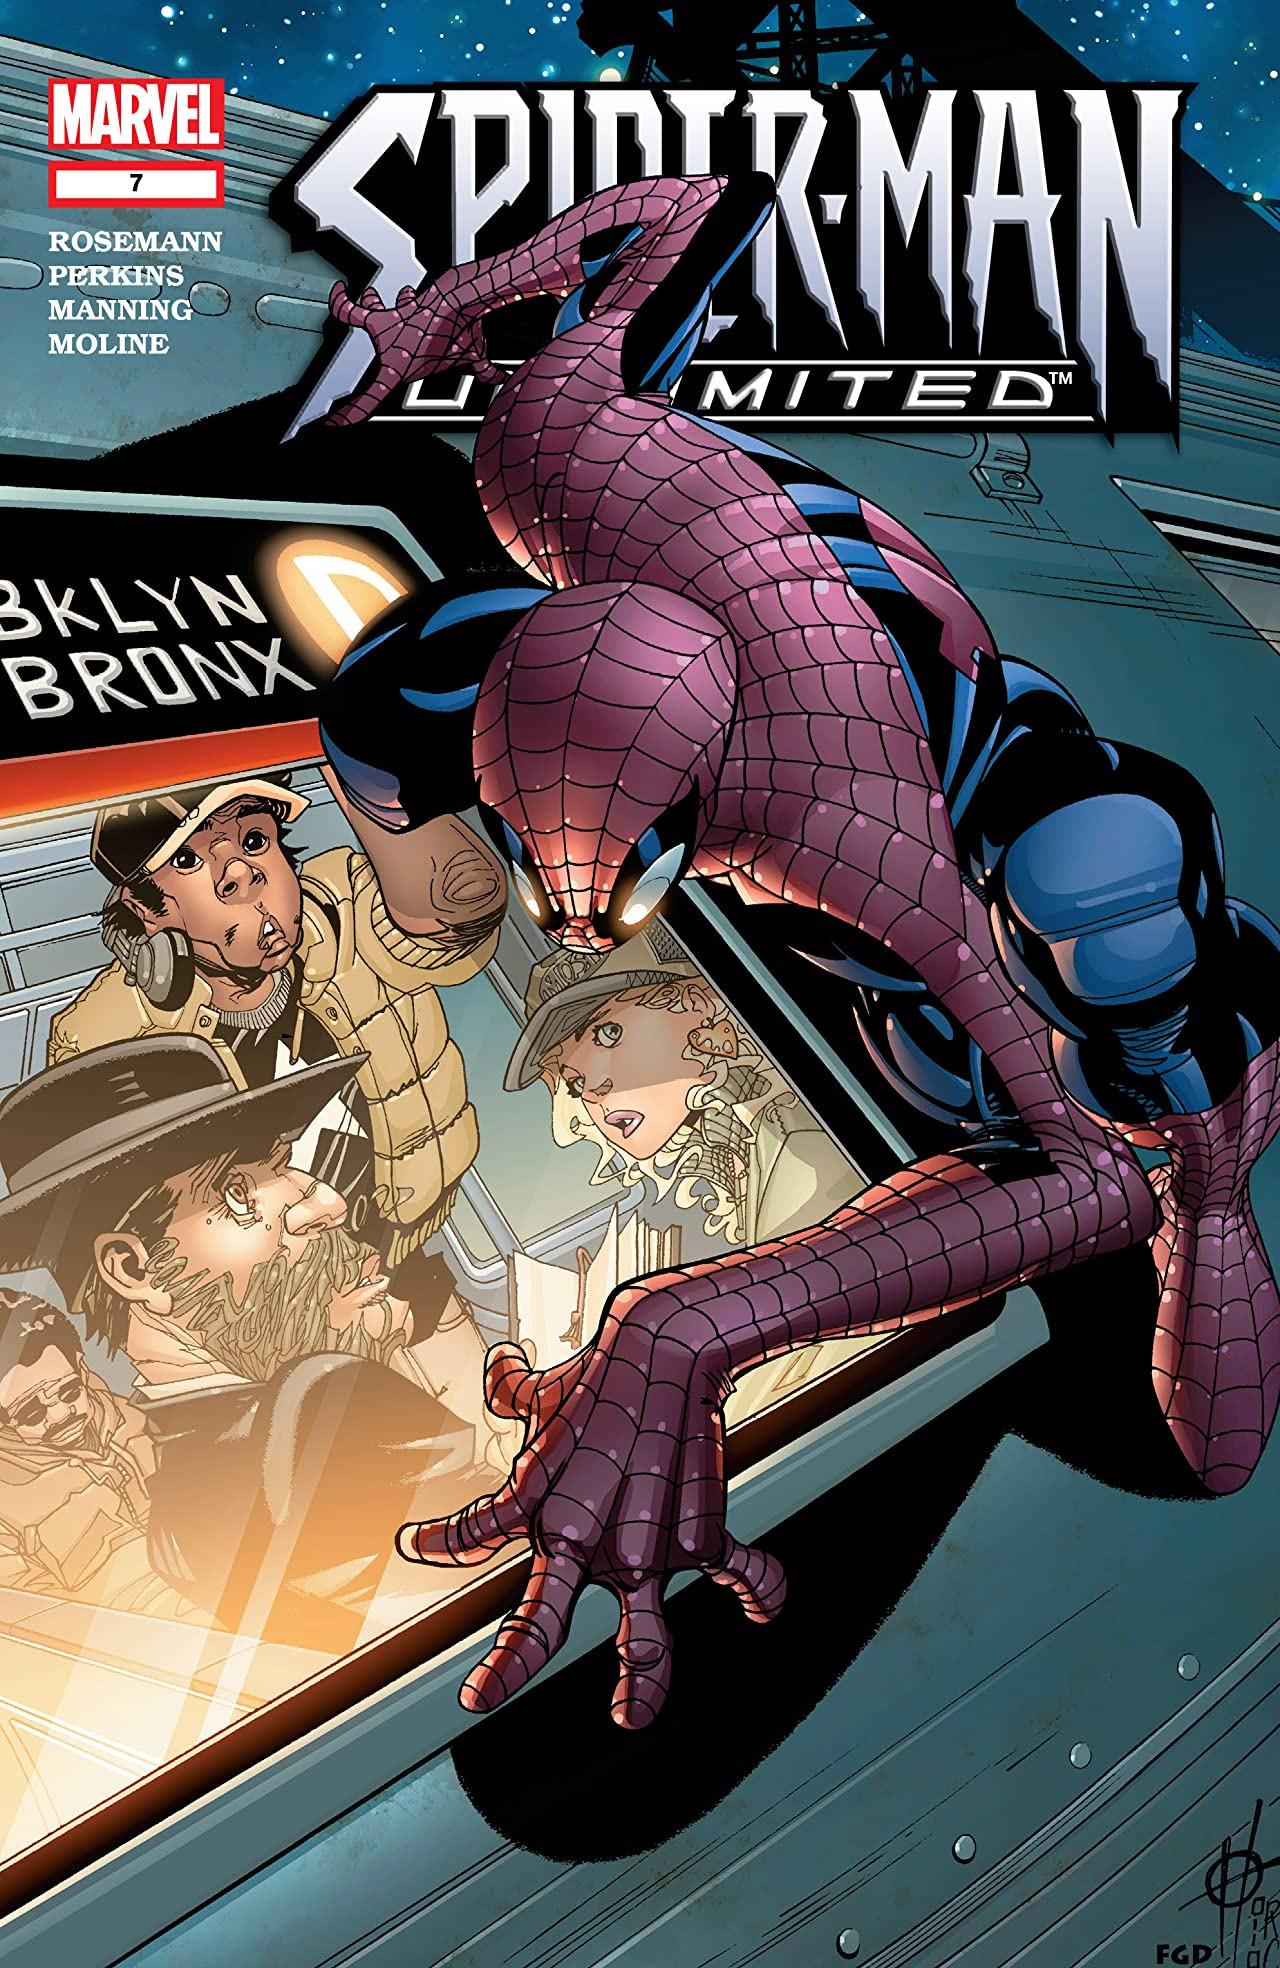 Spider-Man Unlimited Vol 3 7